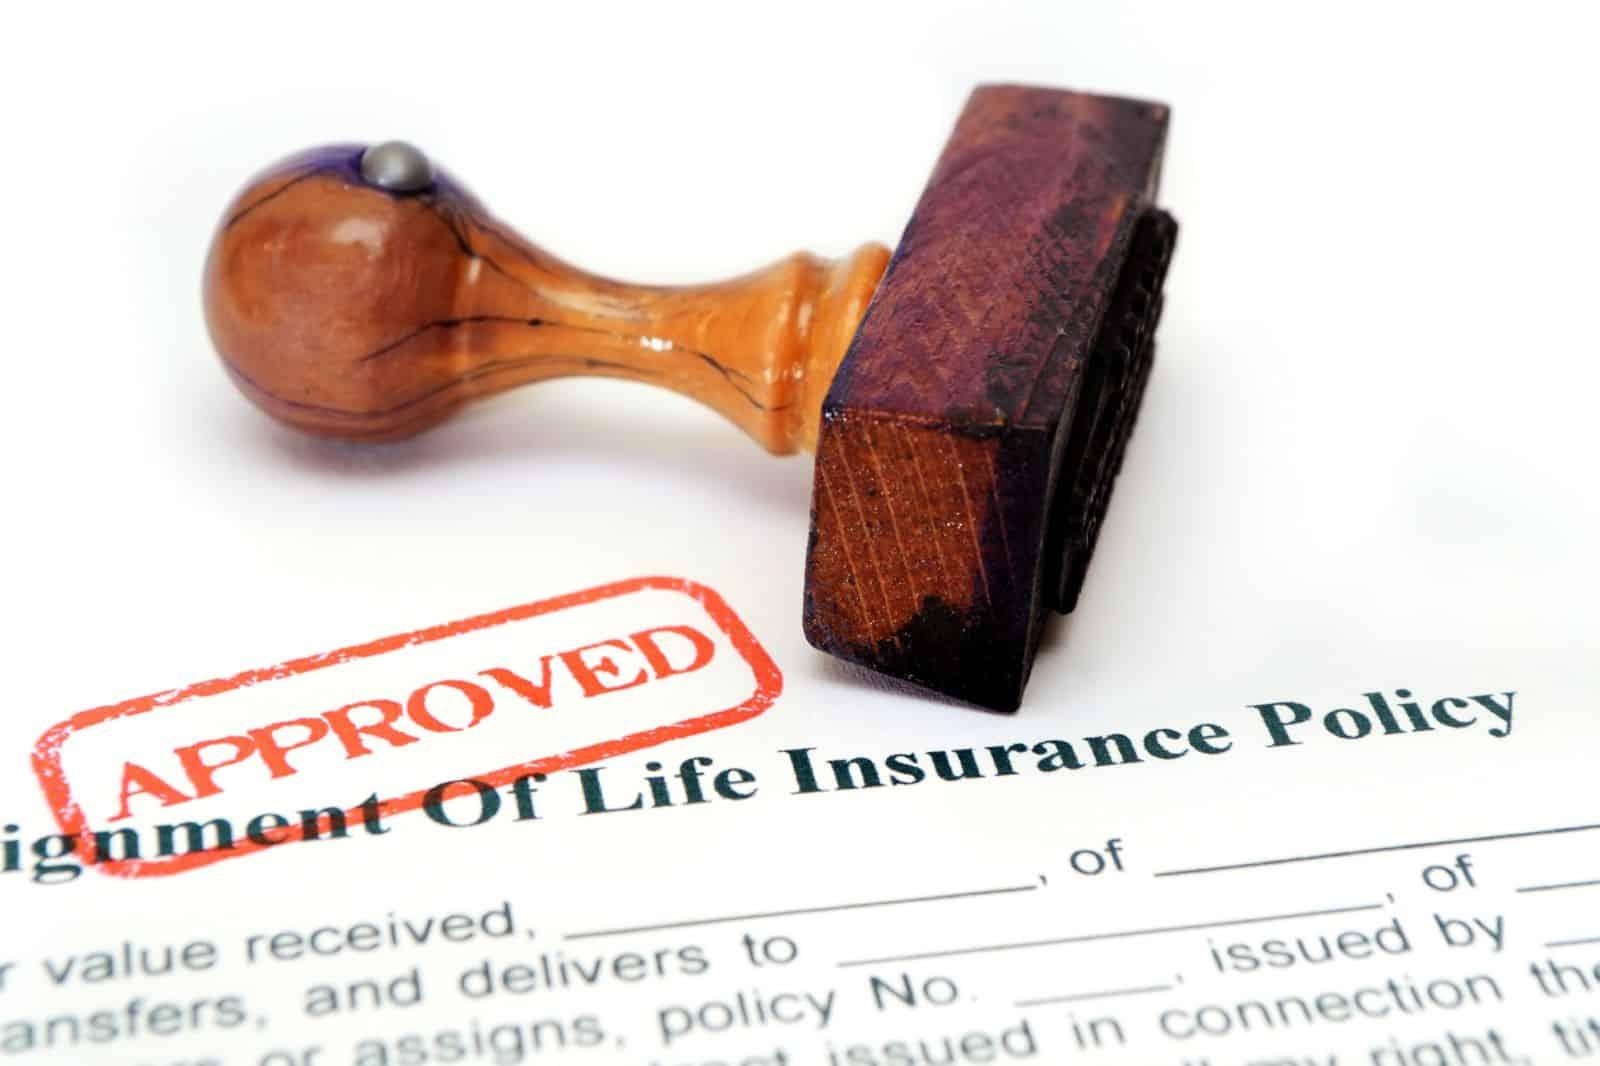 Расторжение договора страхования жизни. Правильно расторгаем договор страхования жизни